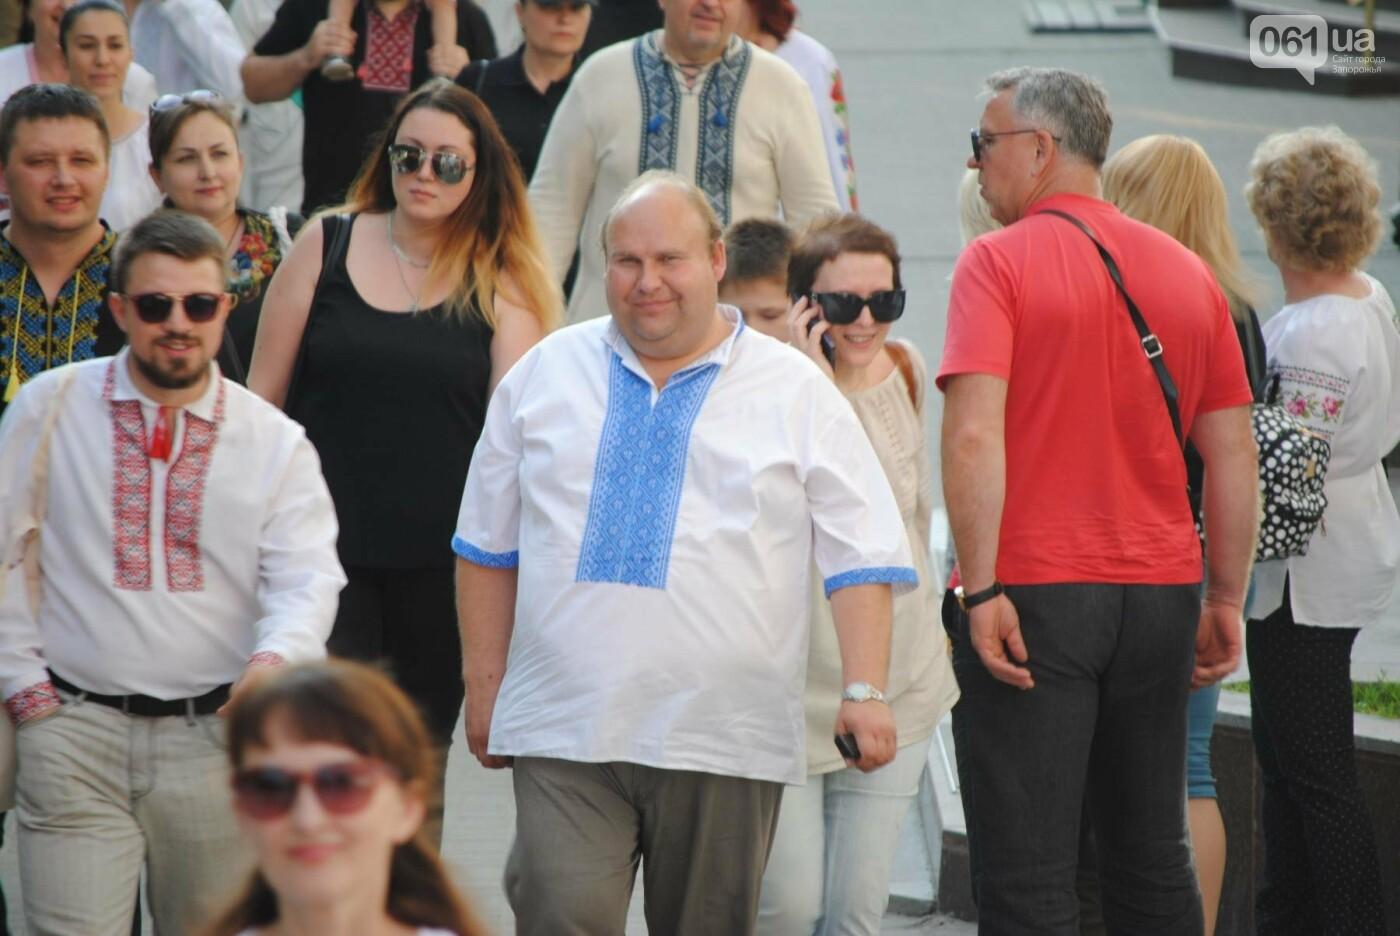 Несколько сотен запорожцев приняли участие в Марше вышиванок, - ФОТОРЕПОРТАЖ, фото-14